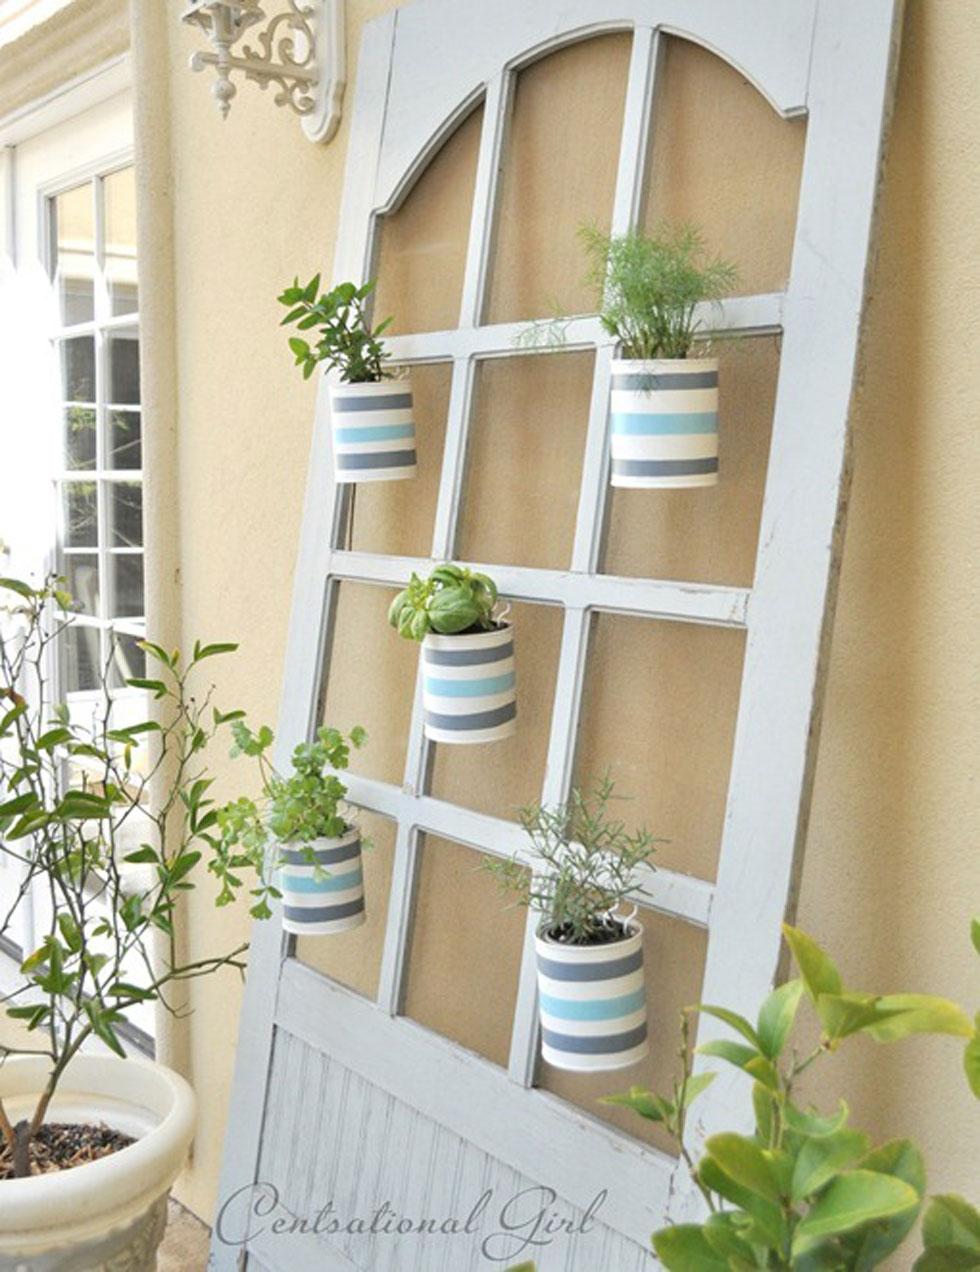 Repurposed Door Crafts - Easy Craft Ideas